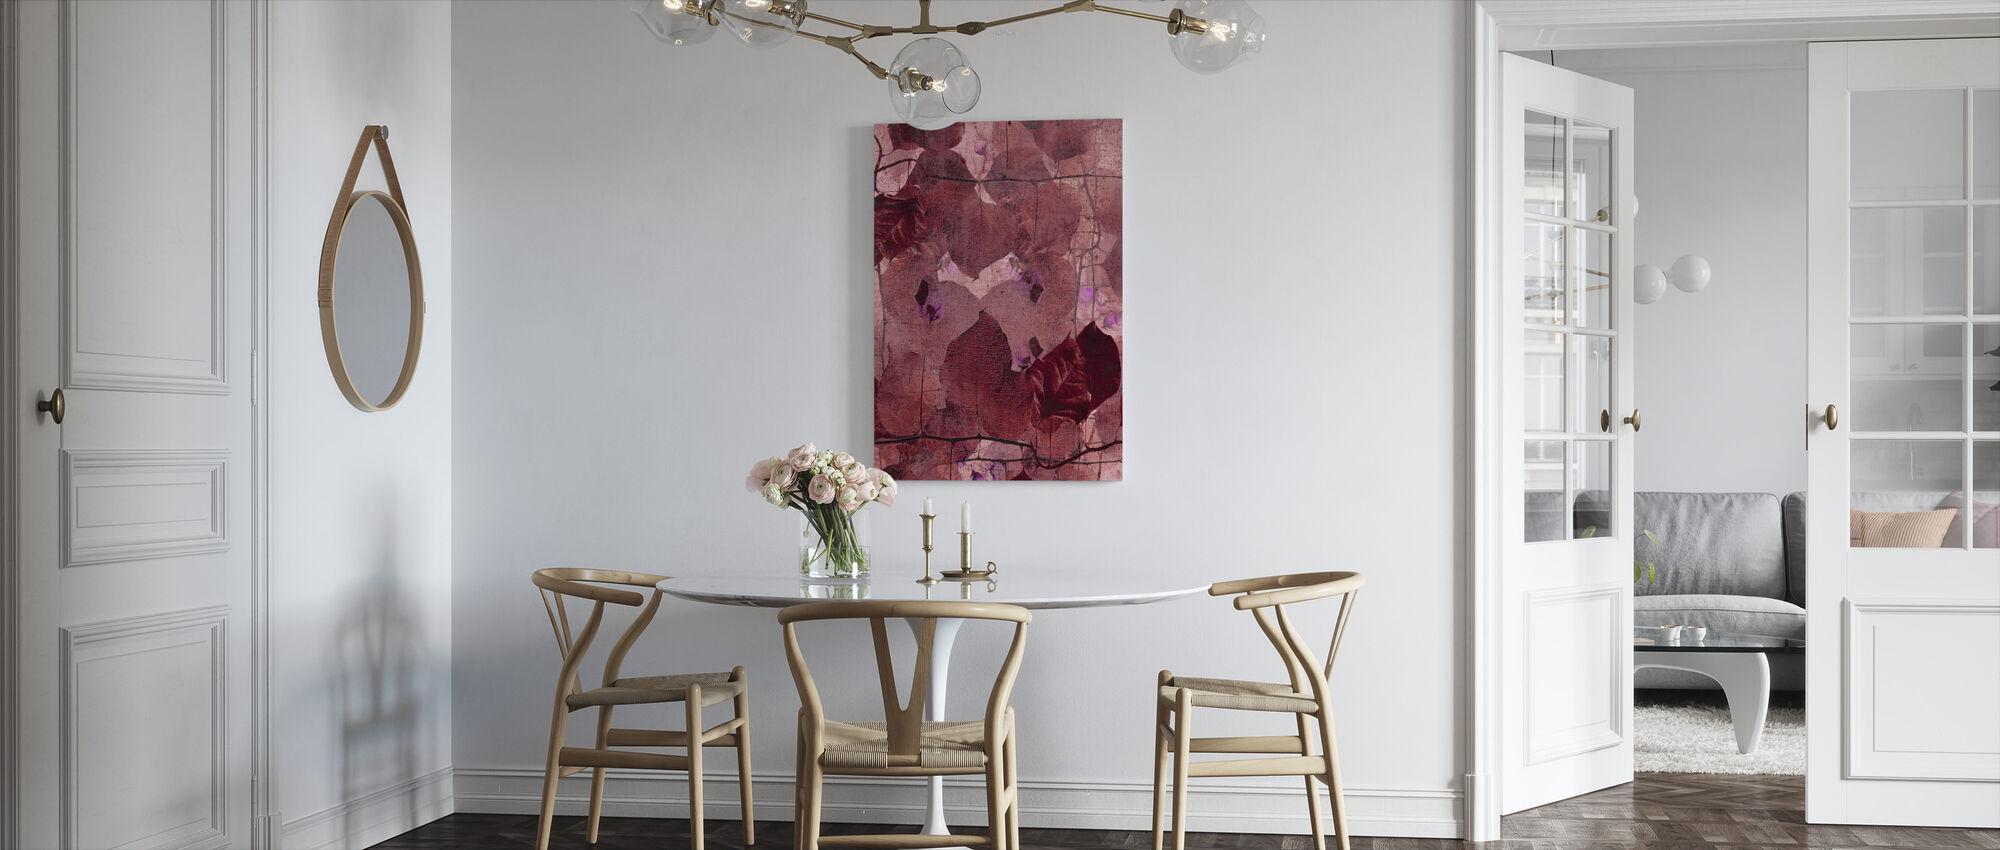 Bordeaux Grapevine - Canvas print - Kitchen